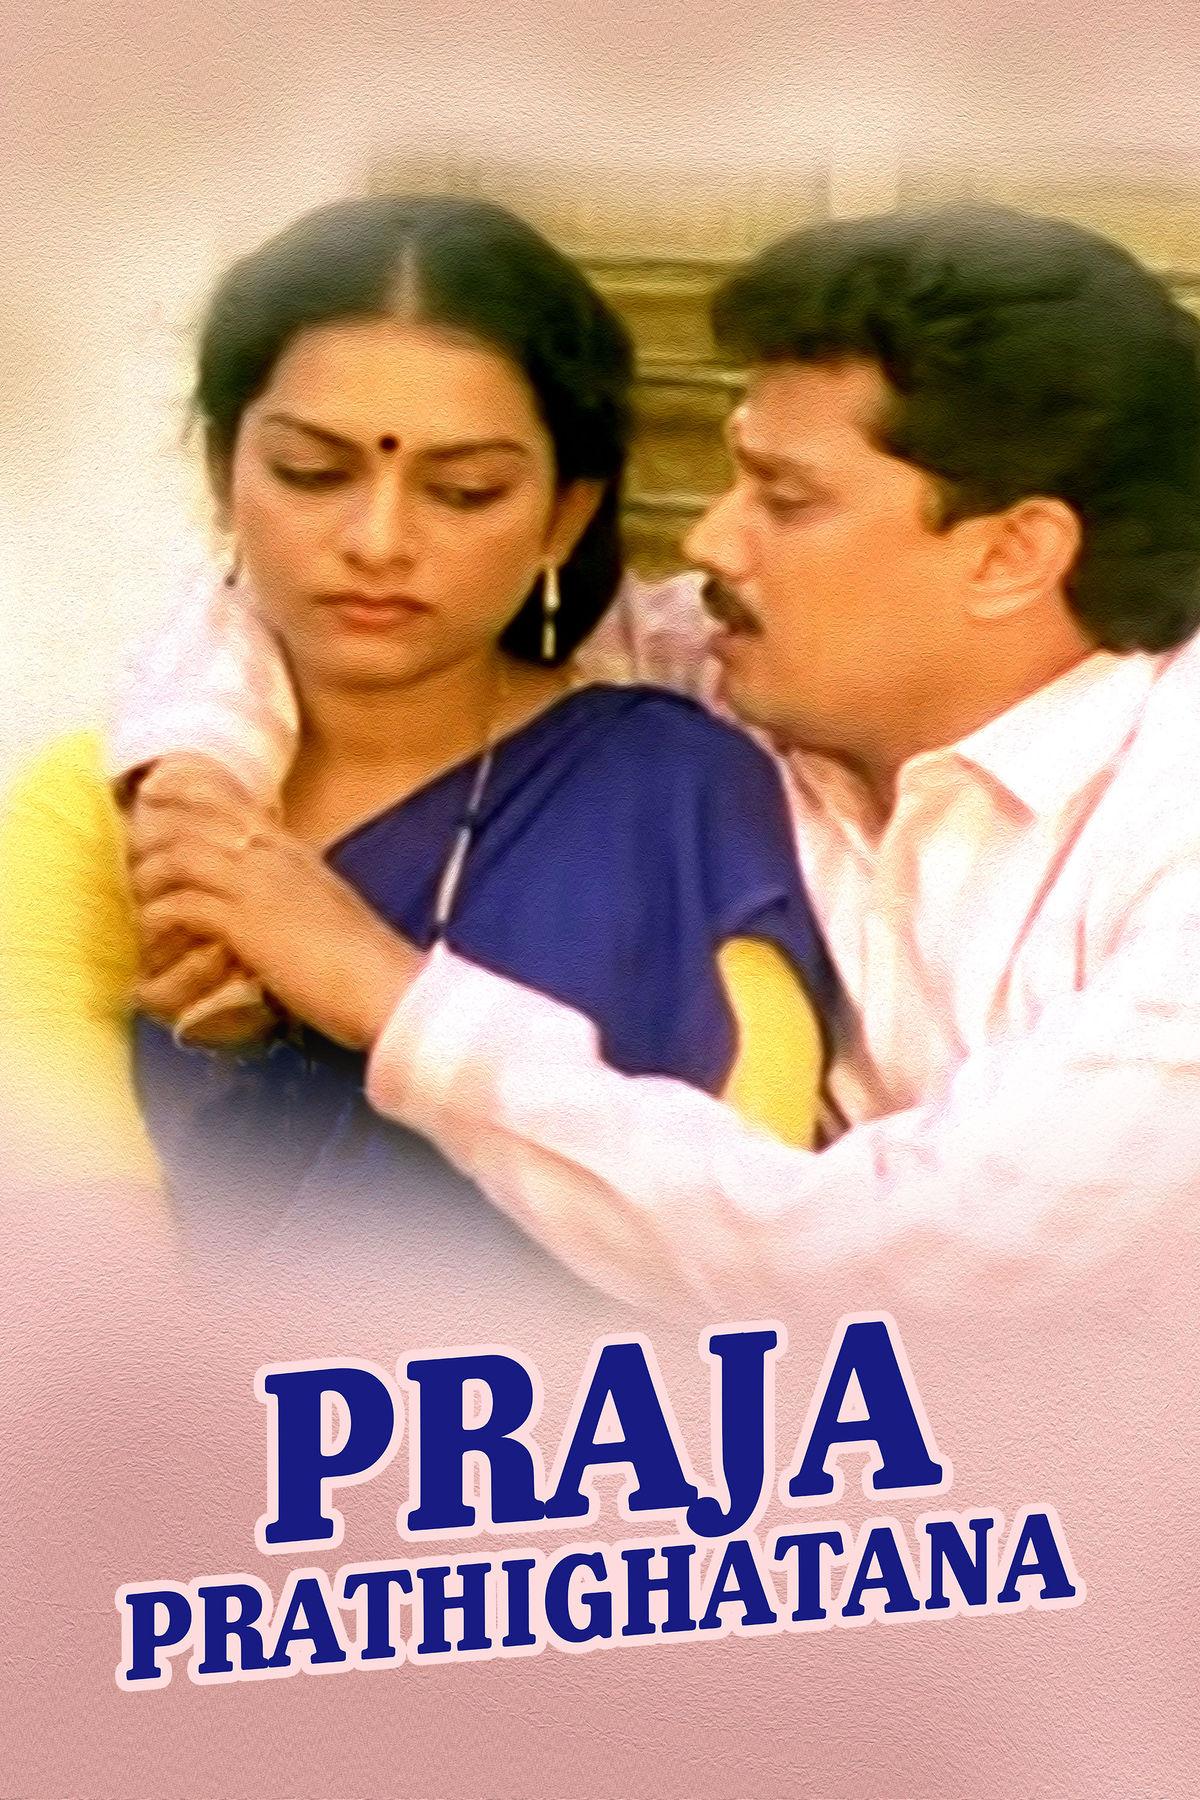 Praja Prathighatana